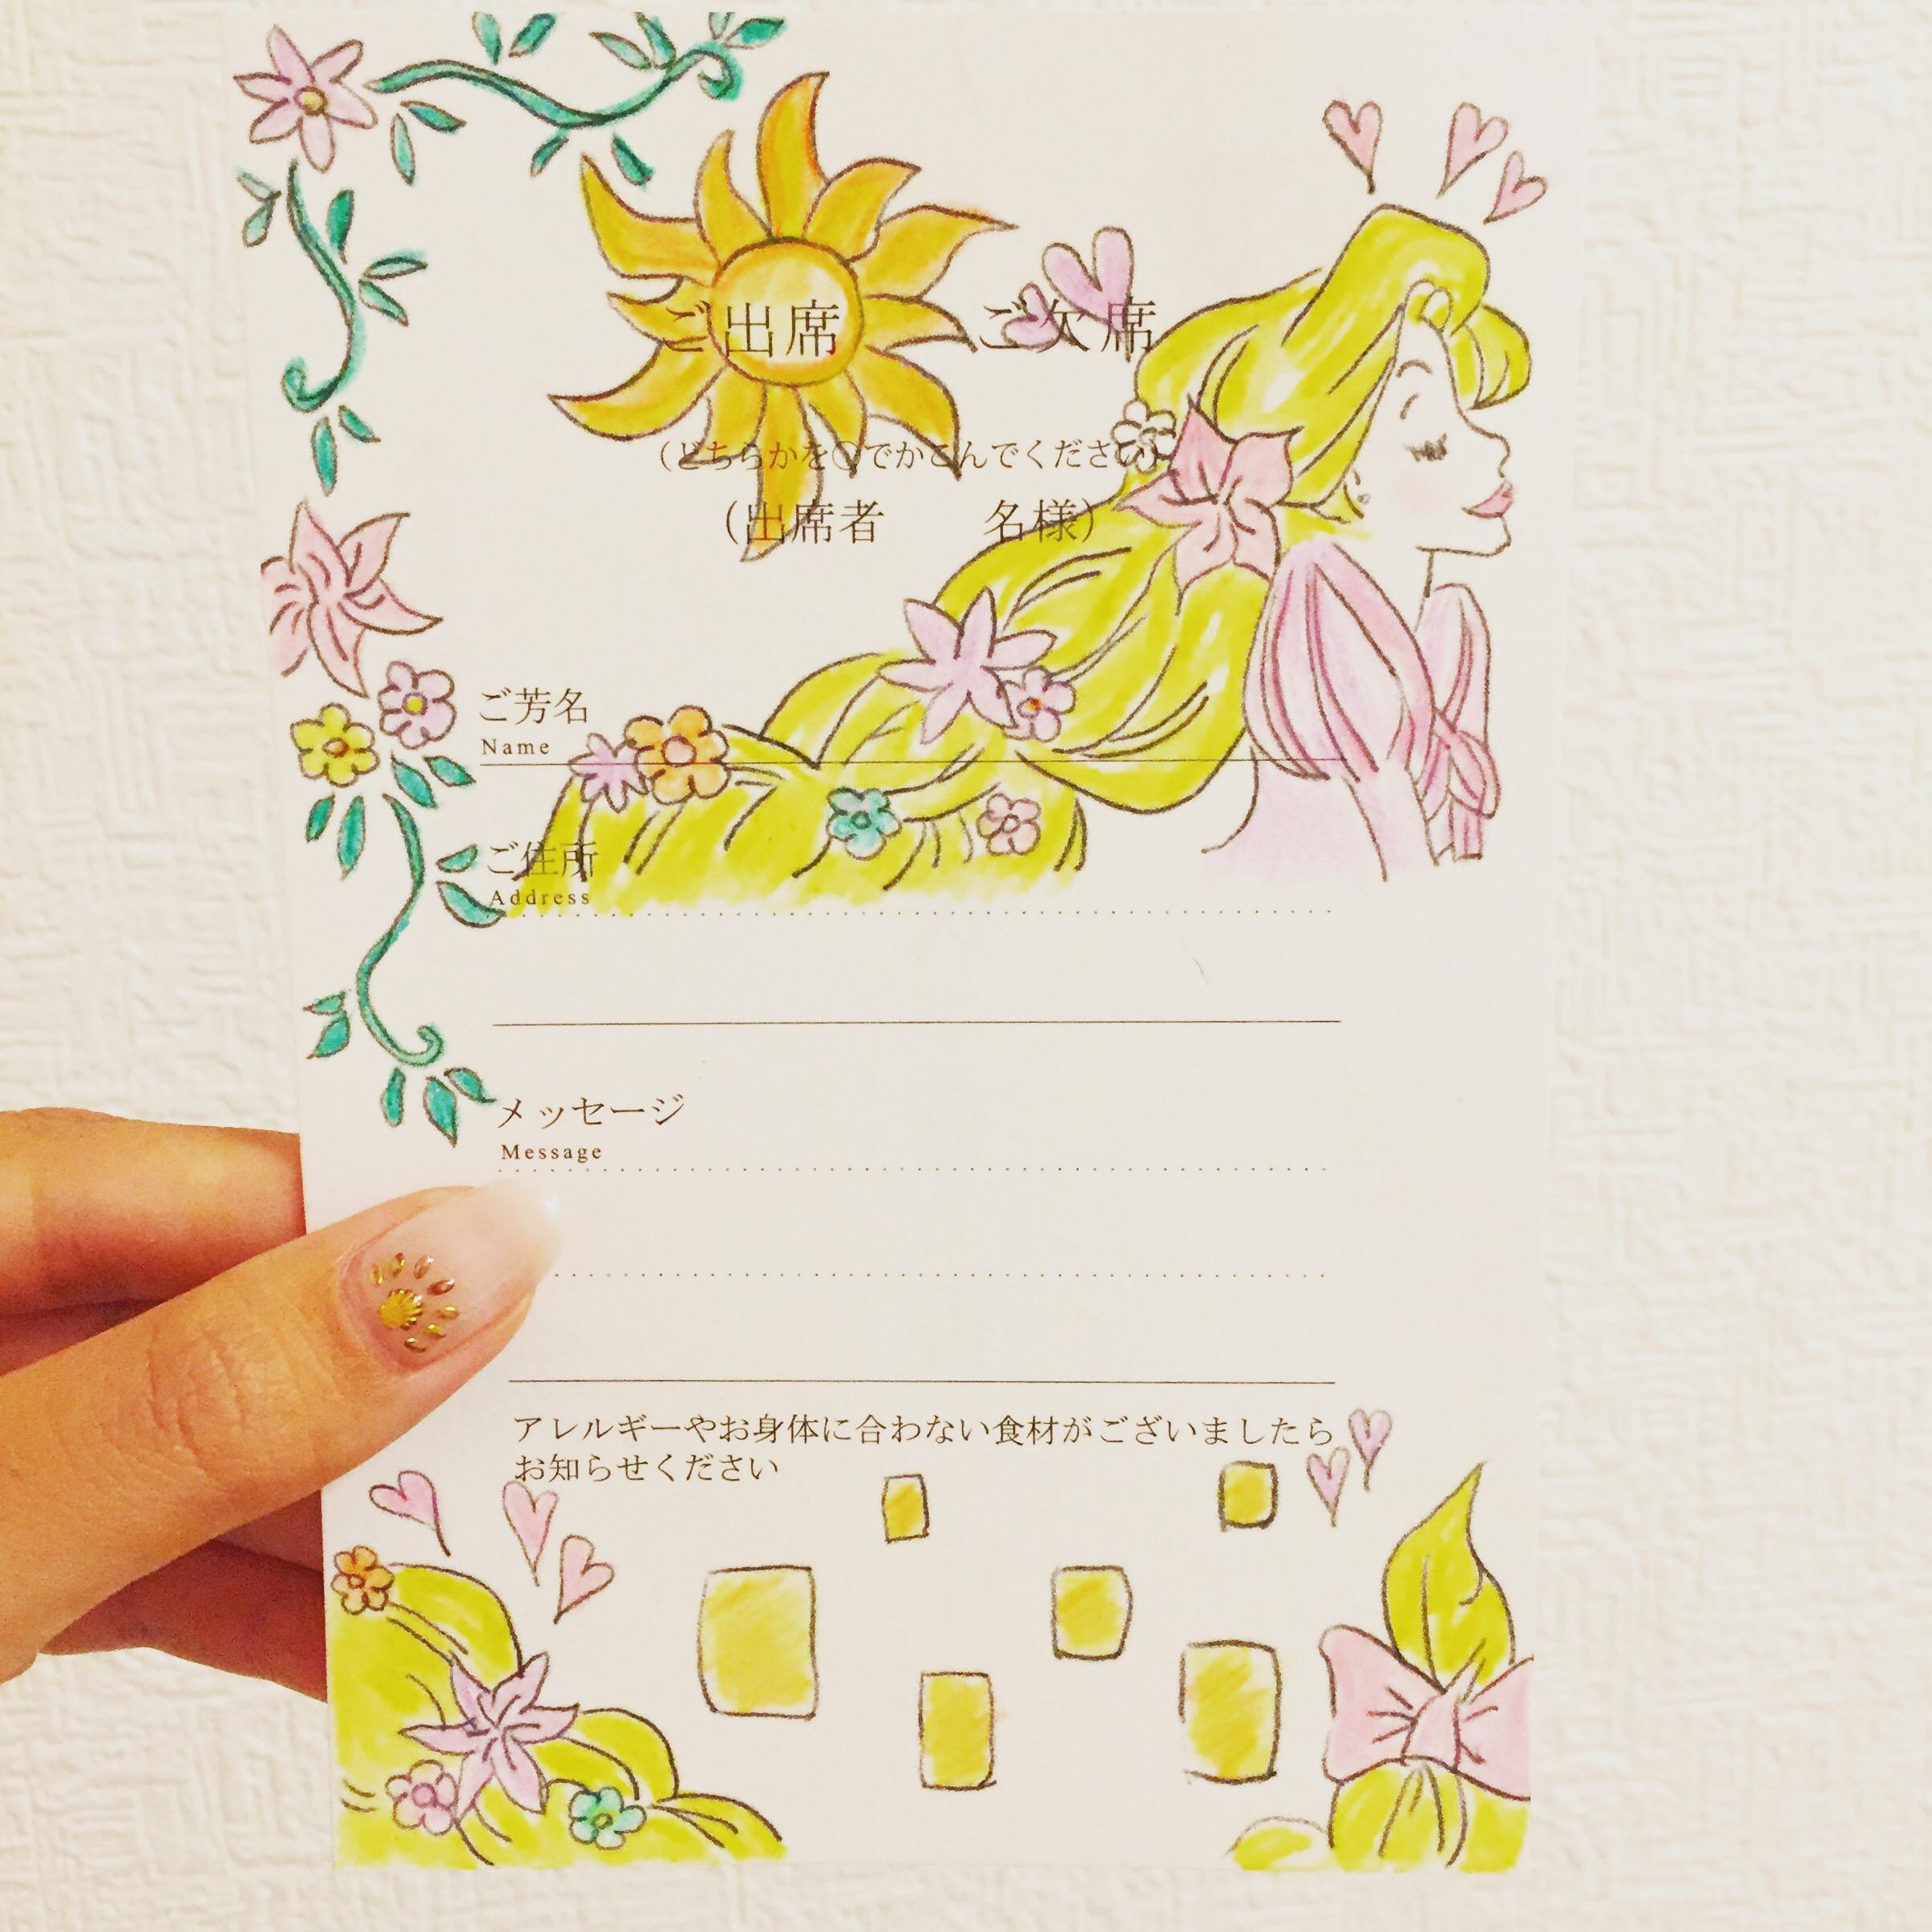 【絵が下手な人向け!】簡単&かわいい!招待状返信アートの書き方!!